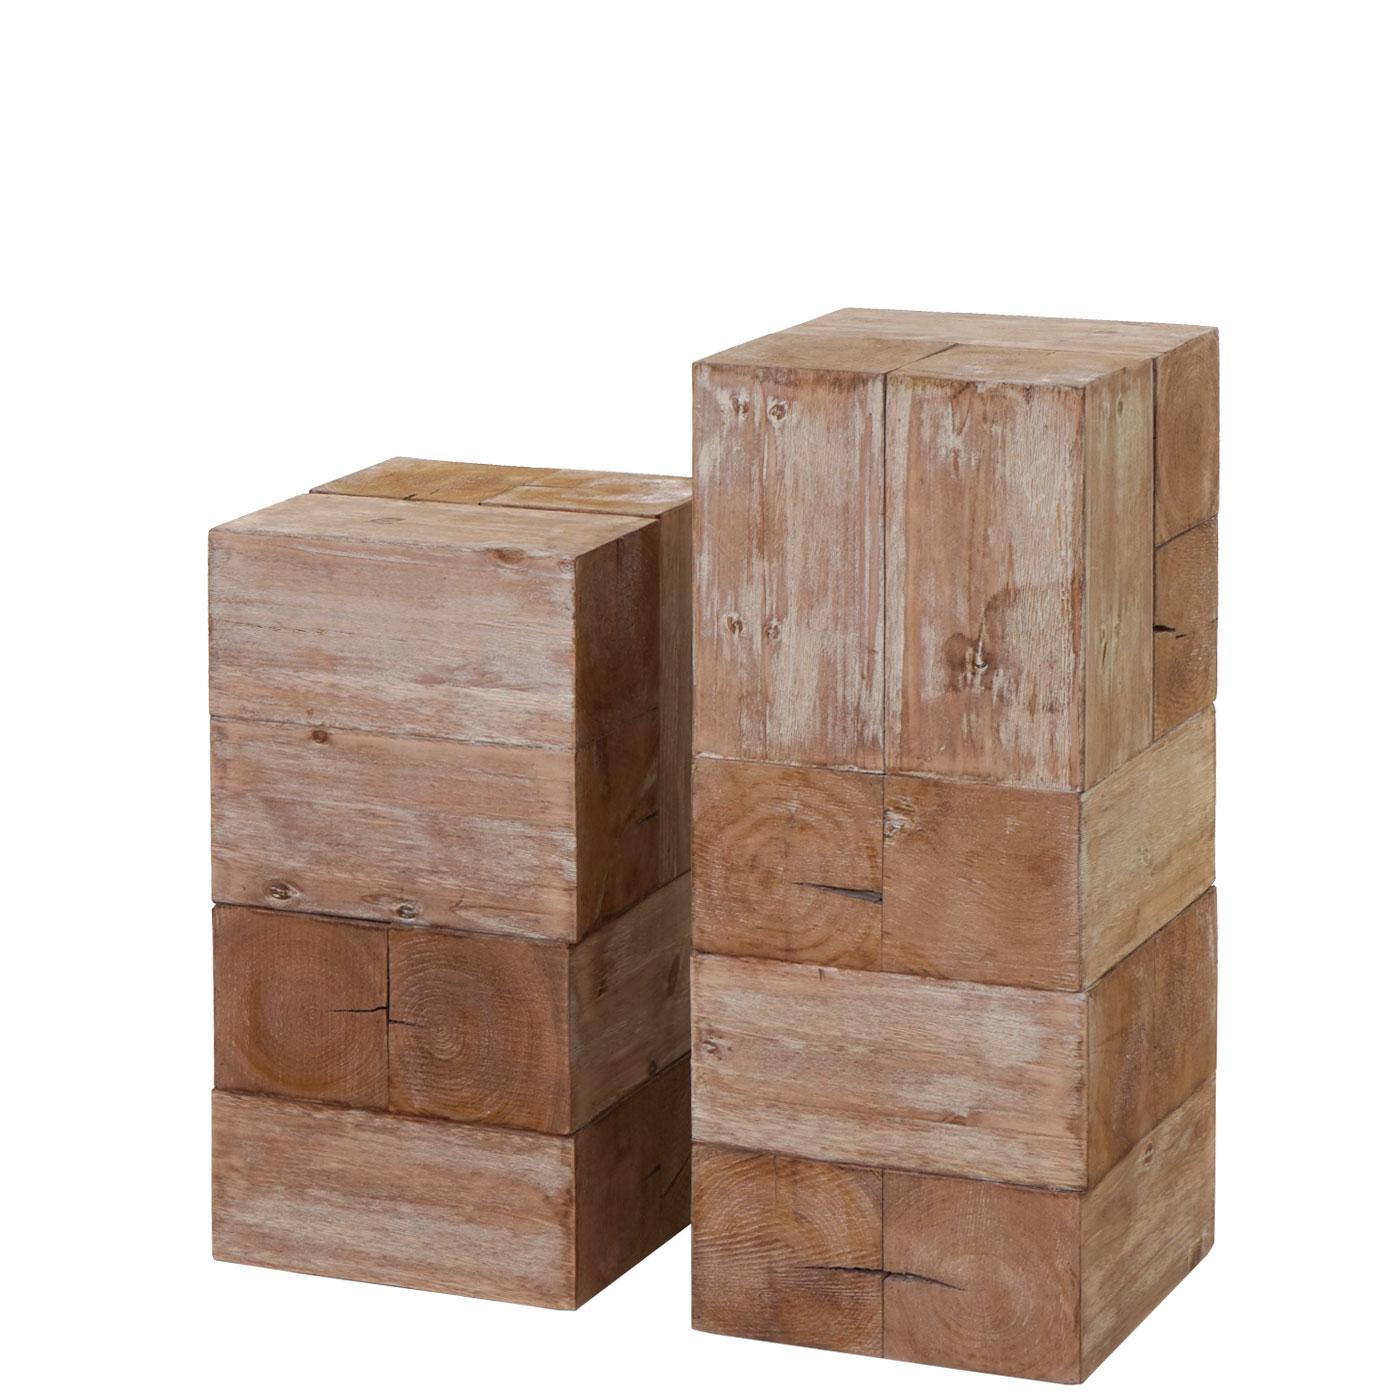 Mendler Blumentisch HWC-A15, Blumensäule Blumenständer, Tanne Holz rustikal massiv ~ Variantenangebot 61767